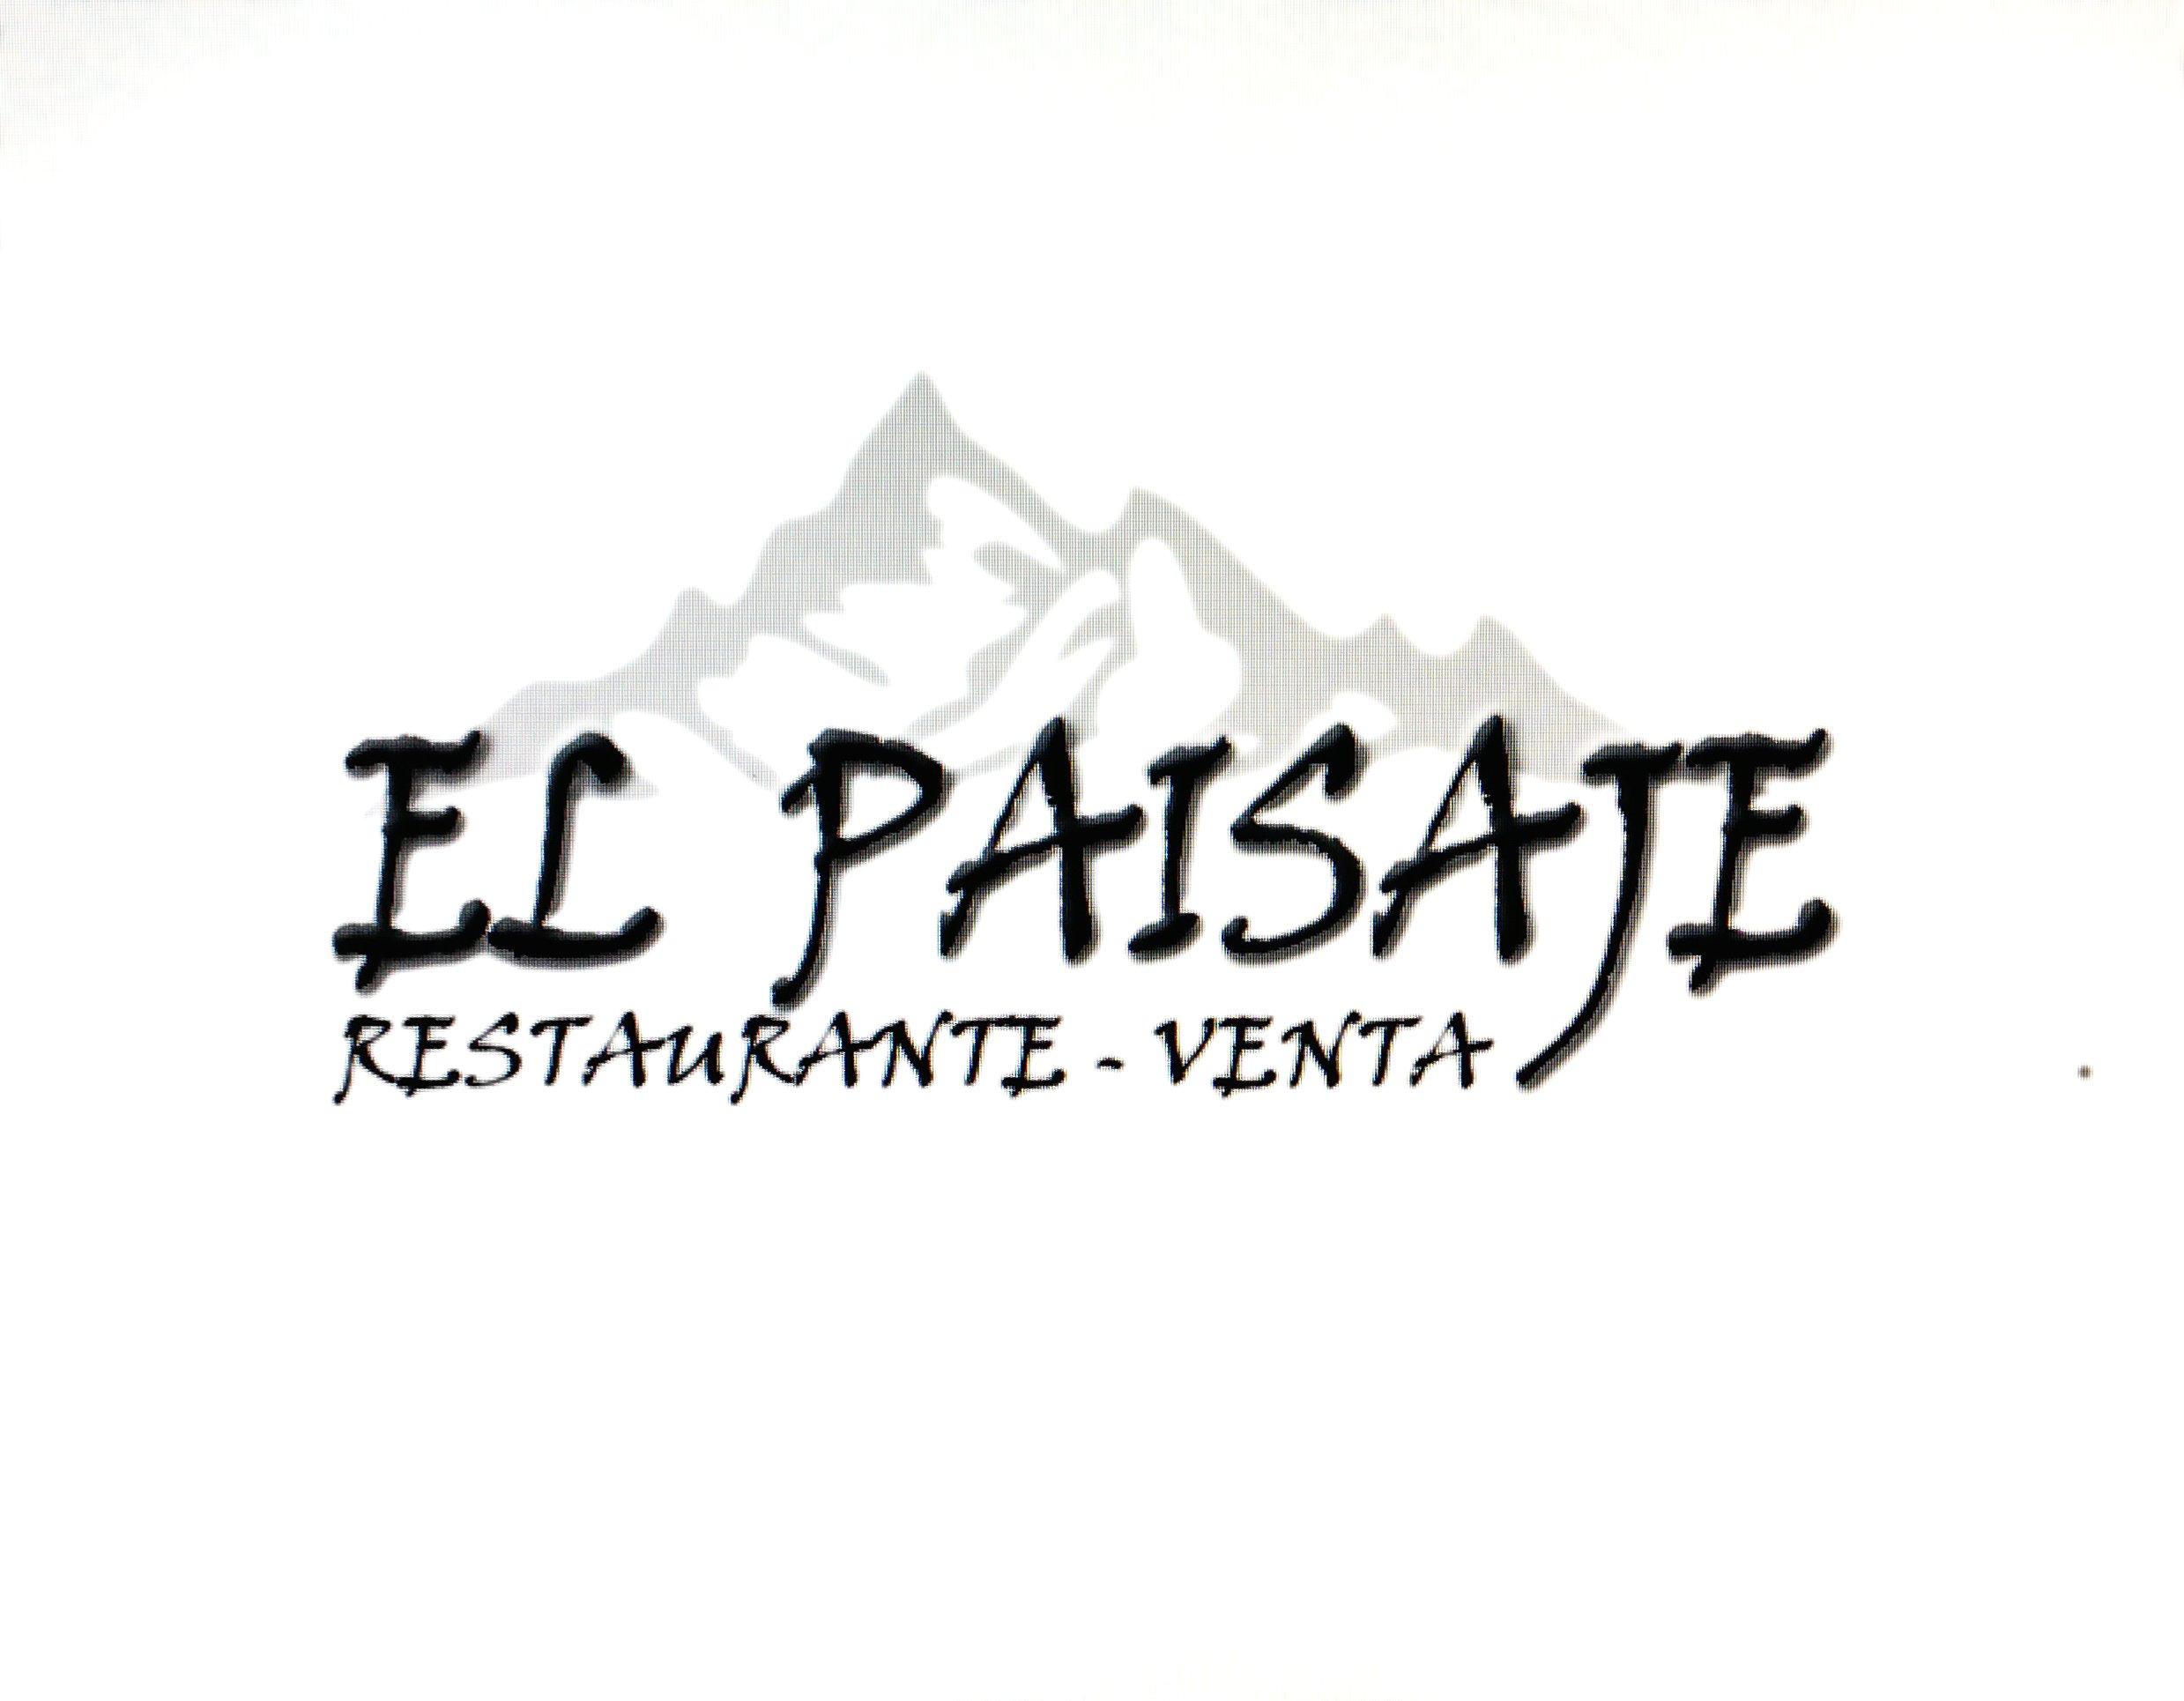 Hotel Restaurante Venta El Paisaje en Atajate